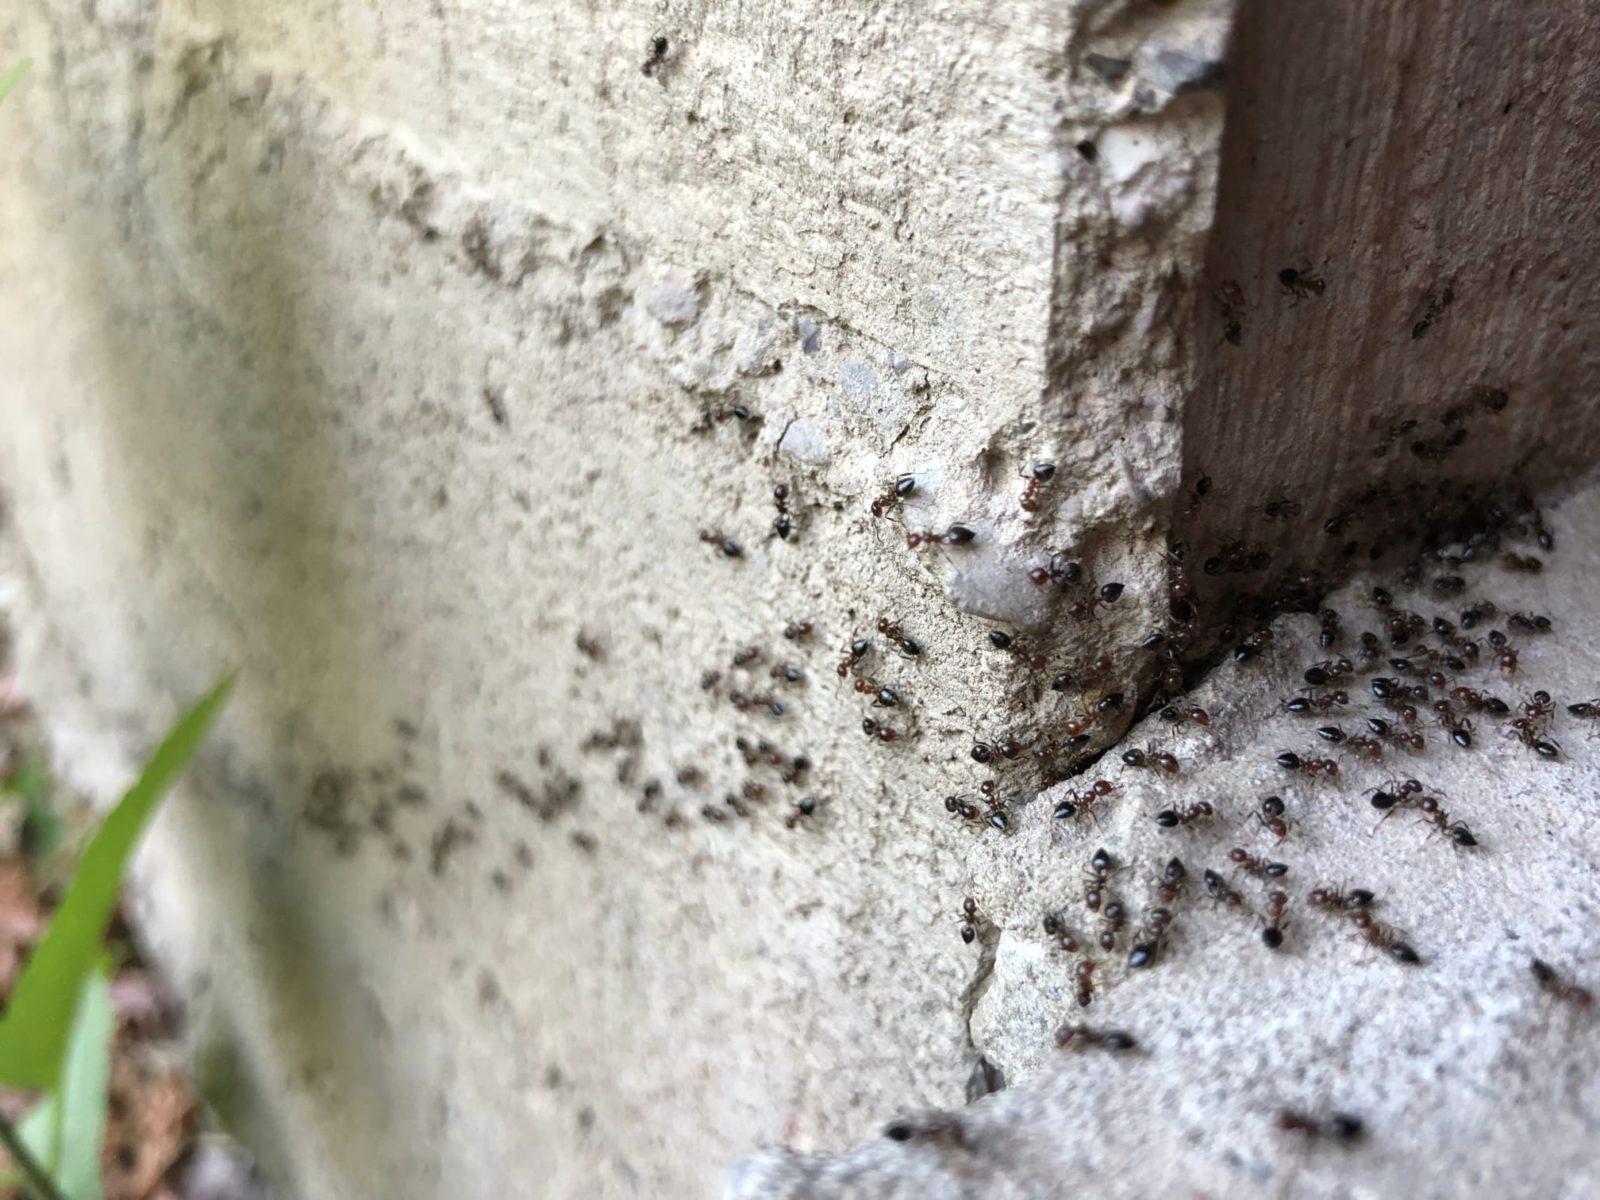 ant infestation in garden